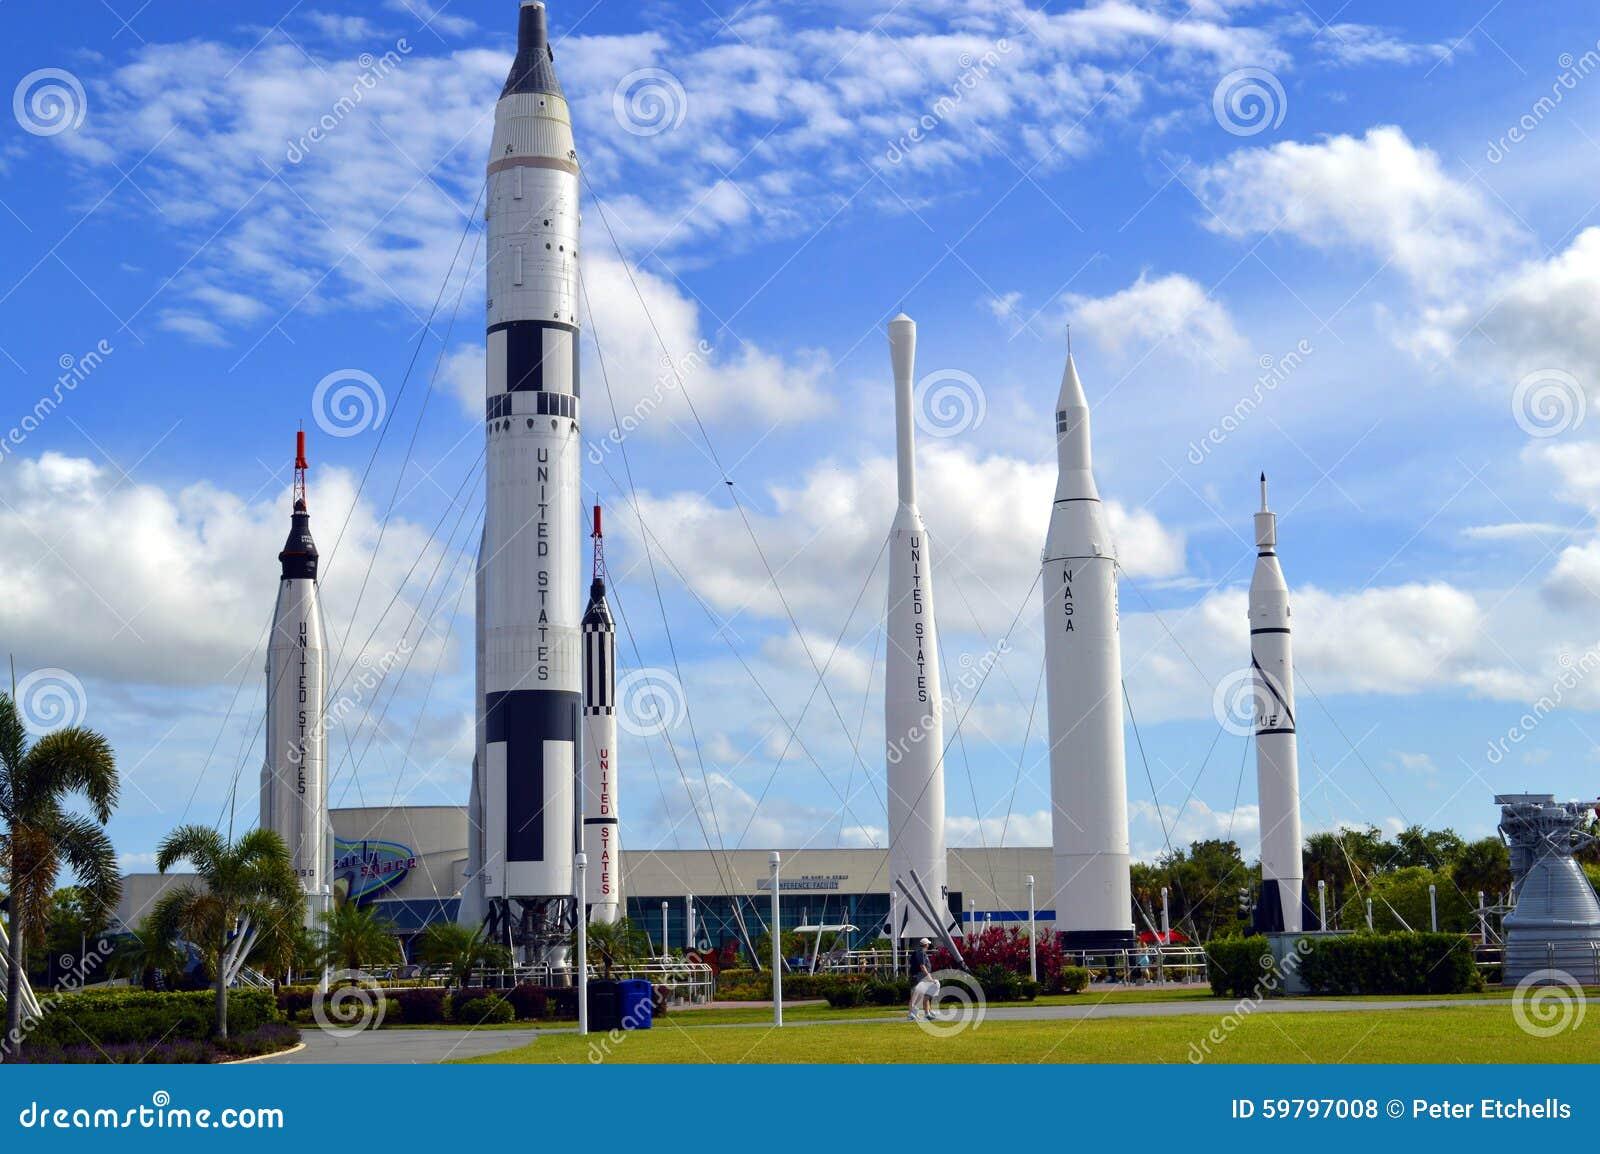 Аполлон выпускает ракету на displayin сад ракеты на космическом центре Кеннеди